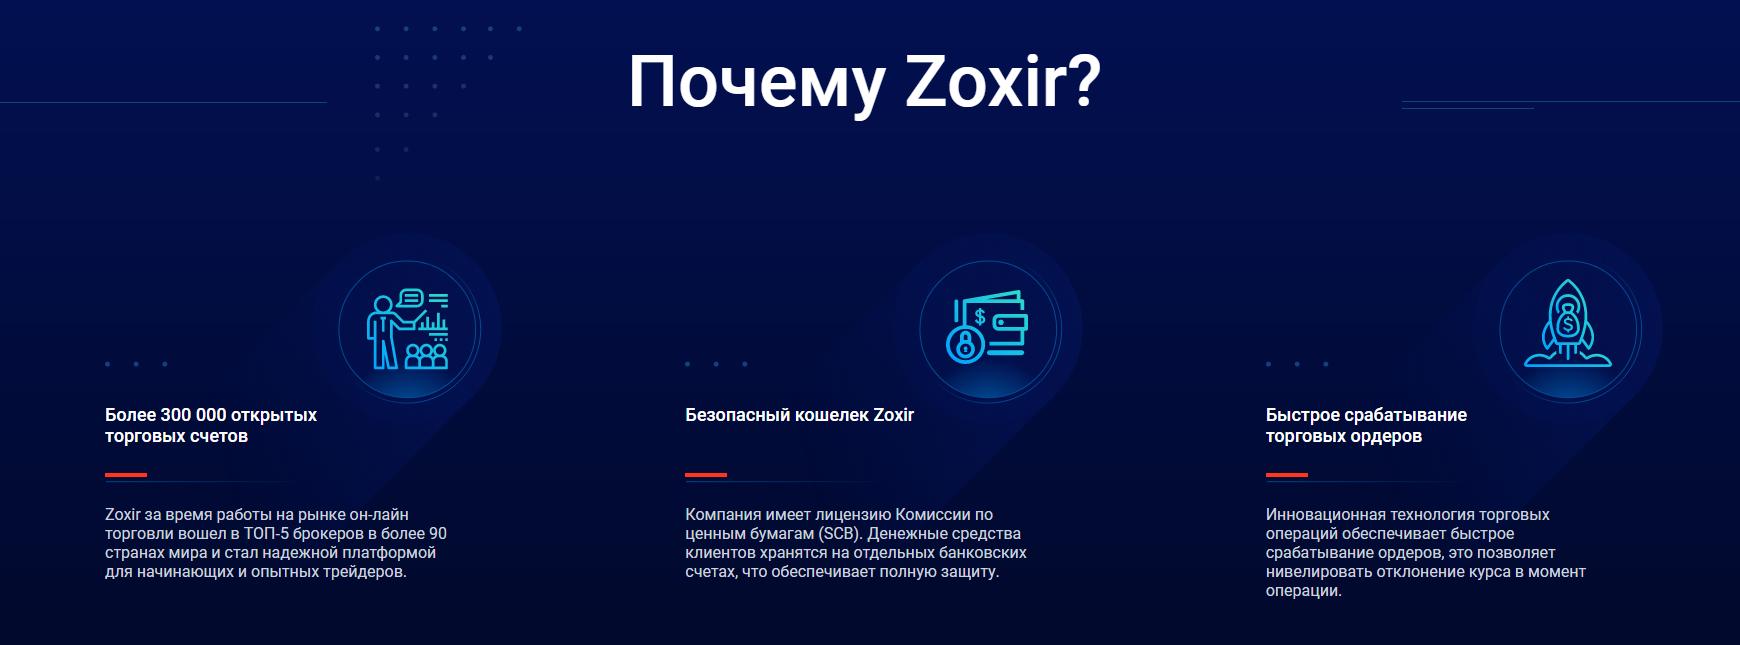 Развод под названием Zoxir – разбор компании и услуг